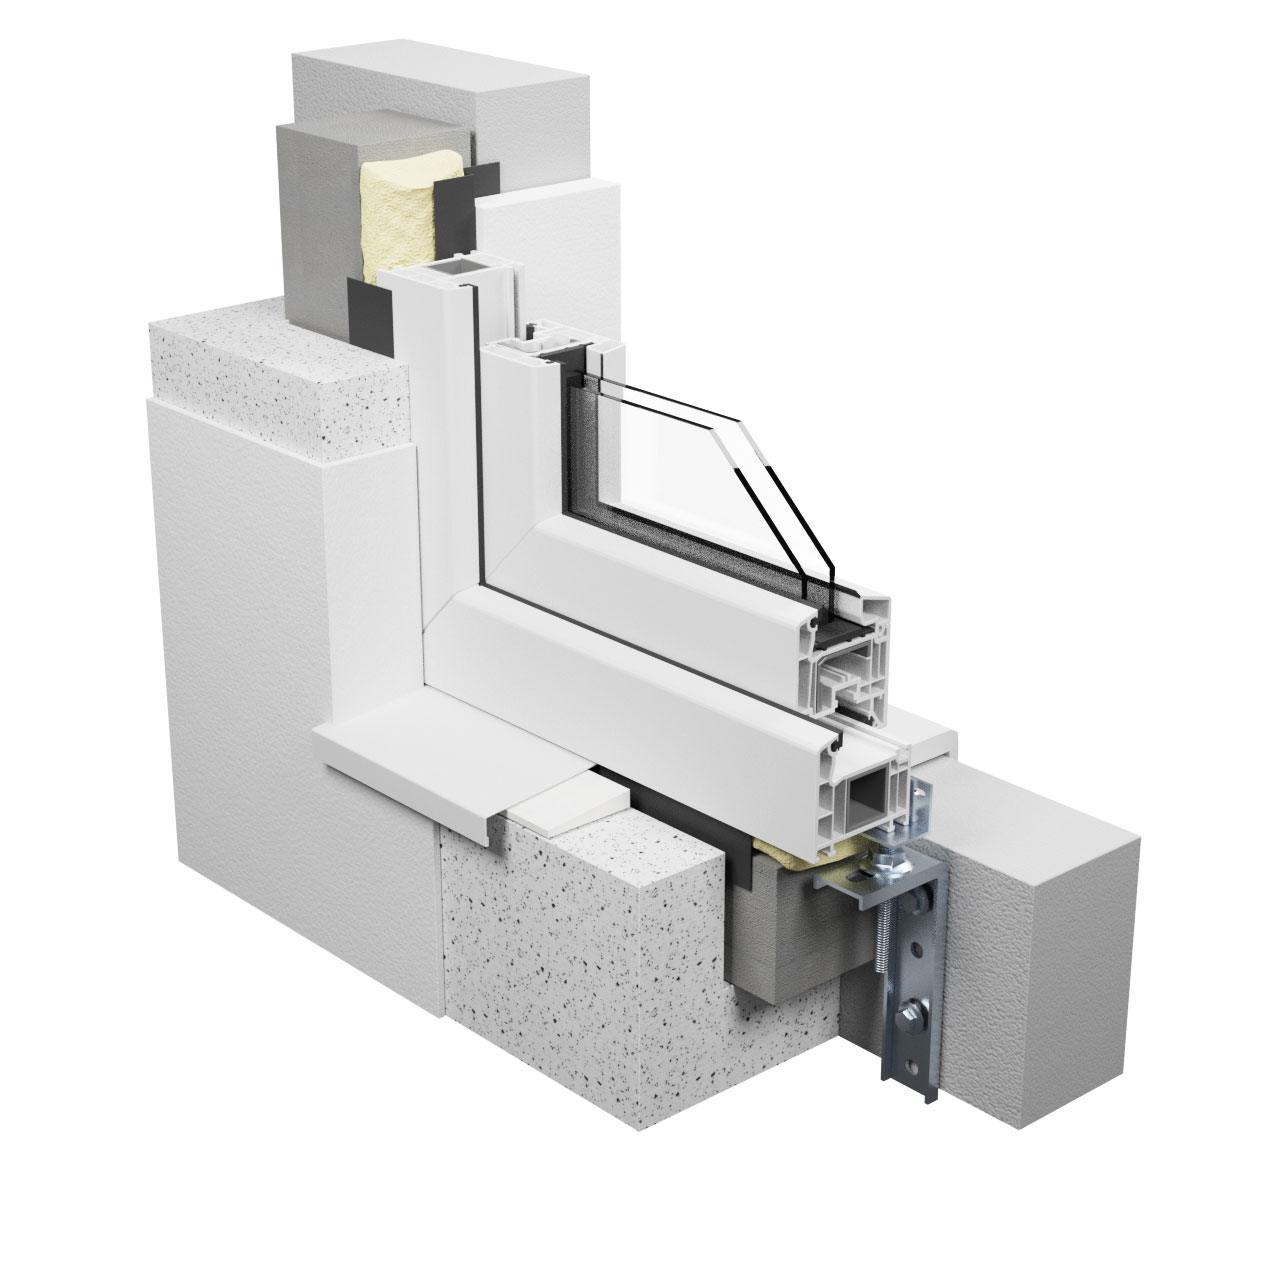 Montaż w izolacji termicznej - konsole vetrex